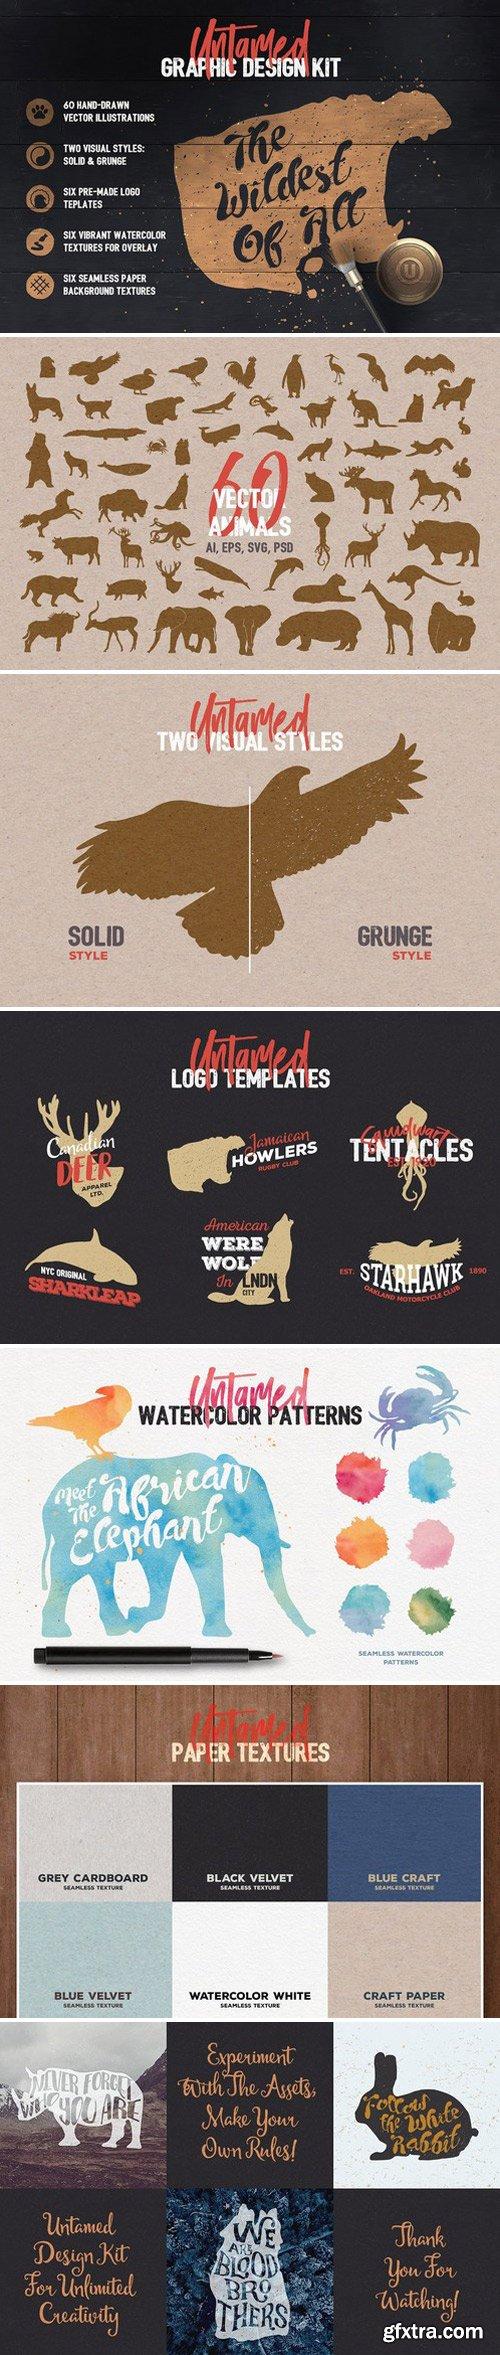 CM - Untamed Graphic Design Kit 1573448